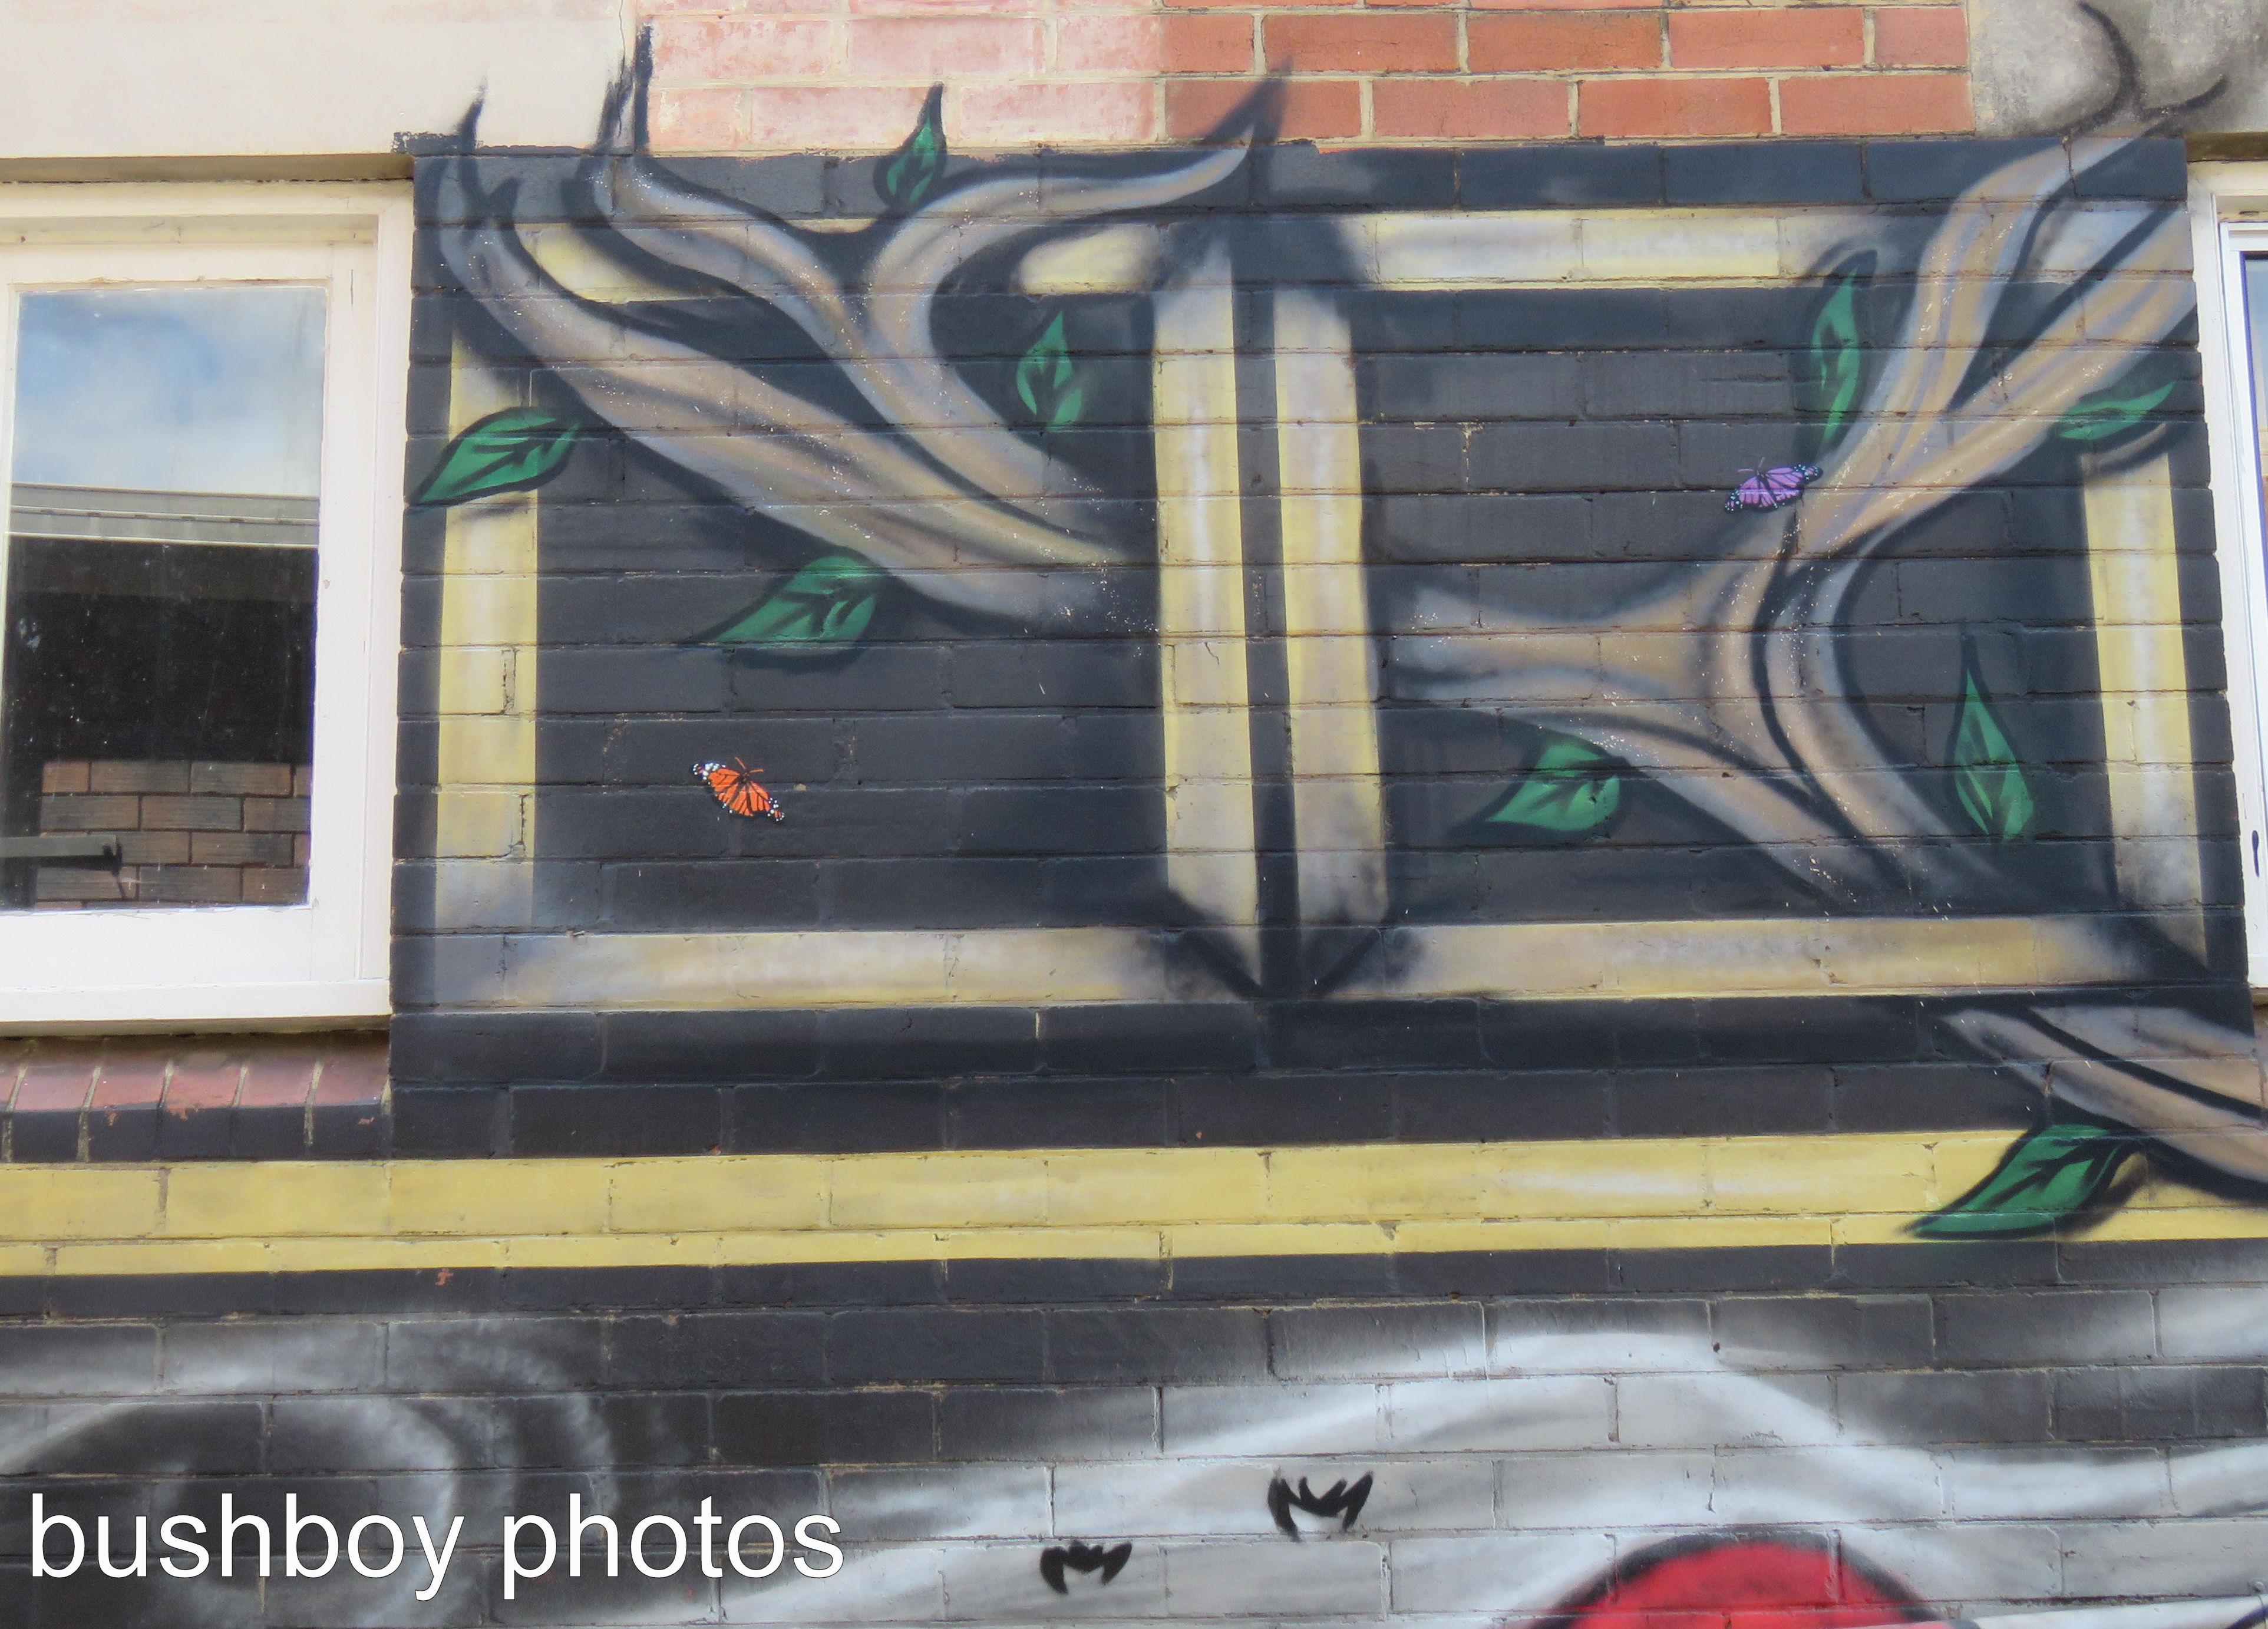 graffiti_butterflies_lismore_named_march 2017